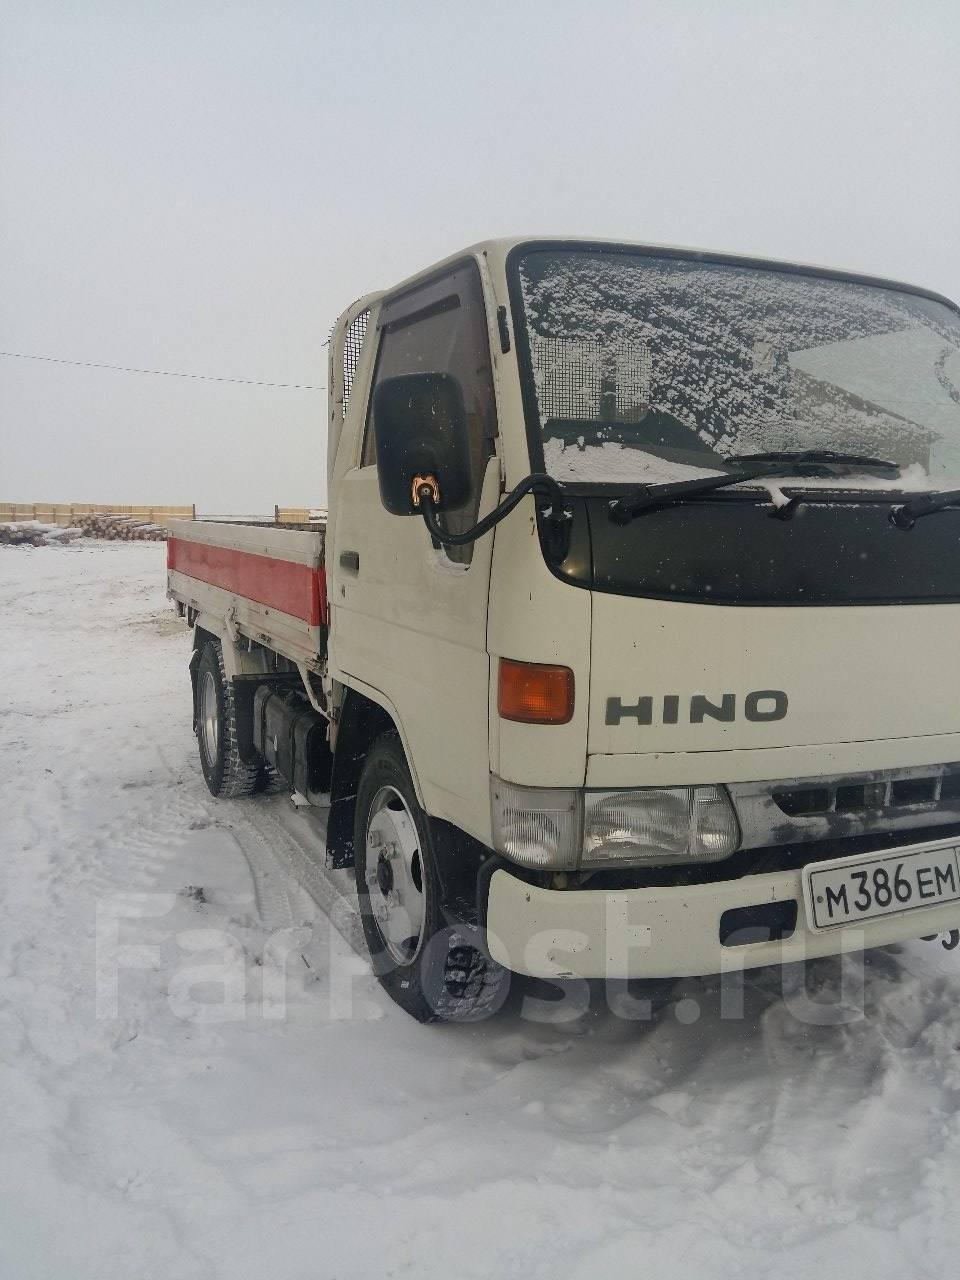 предлагаем Вам купить грузовичок в чите дром отзыв Сортировать по: